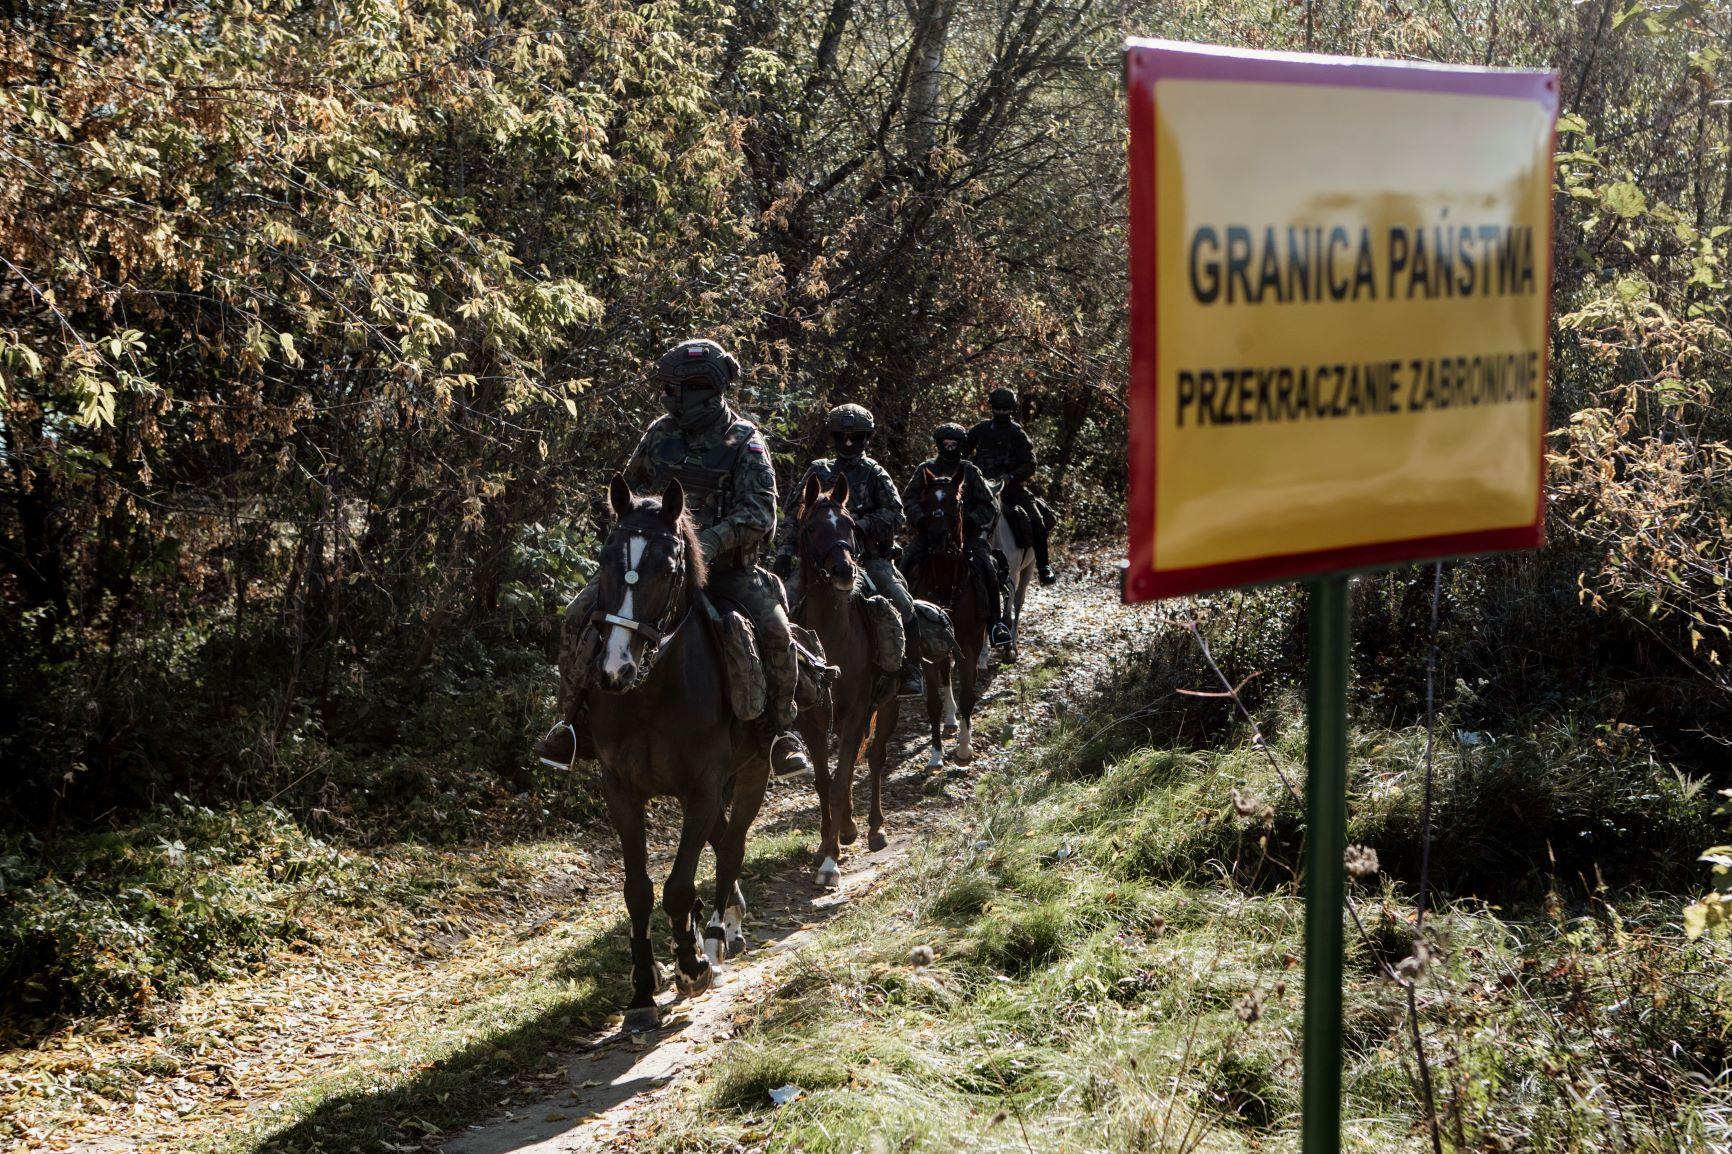 Województwo lubelskie: Terytorialsi na koniach patrolują tereny objęte stanem wyjątkowym - Zdjęcie główne